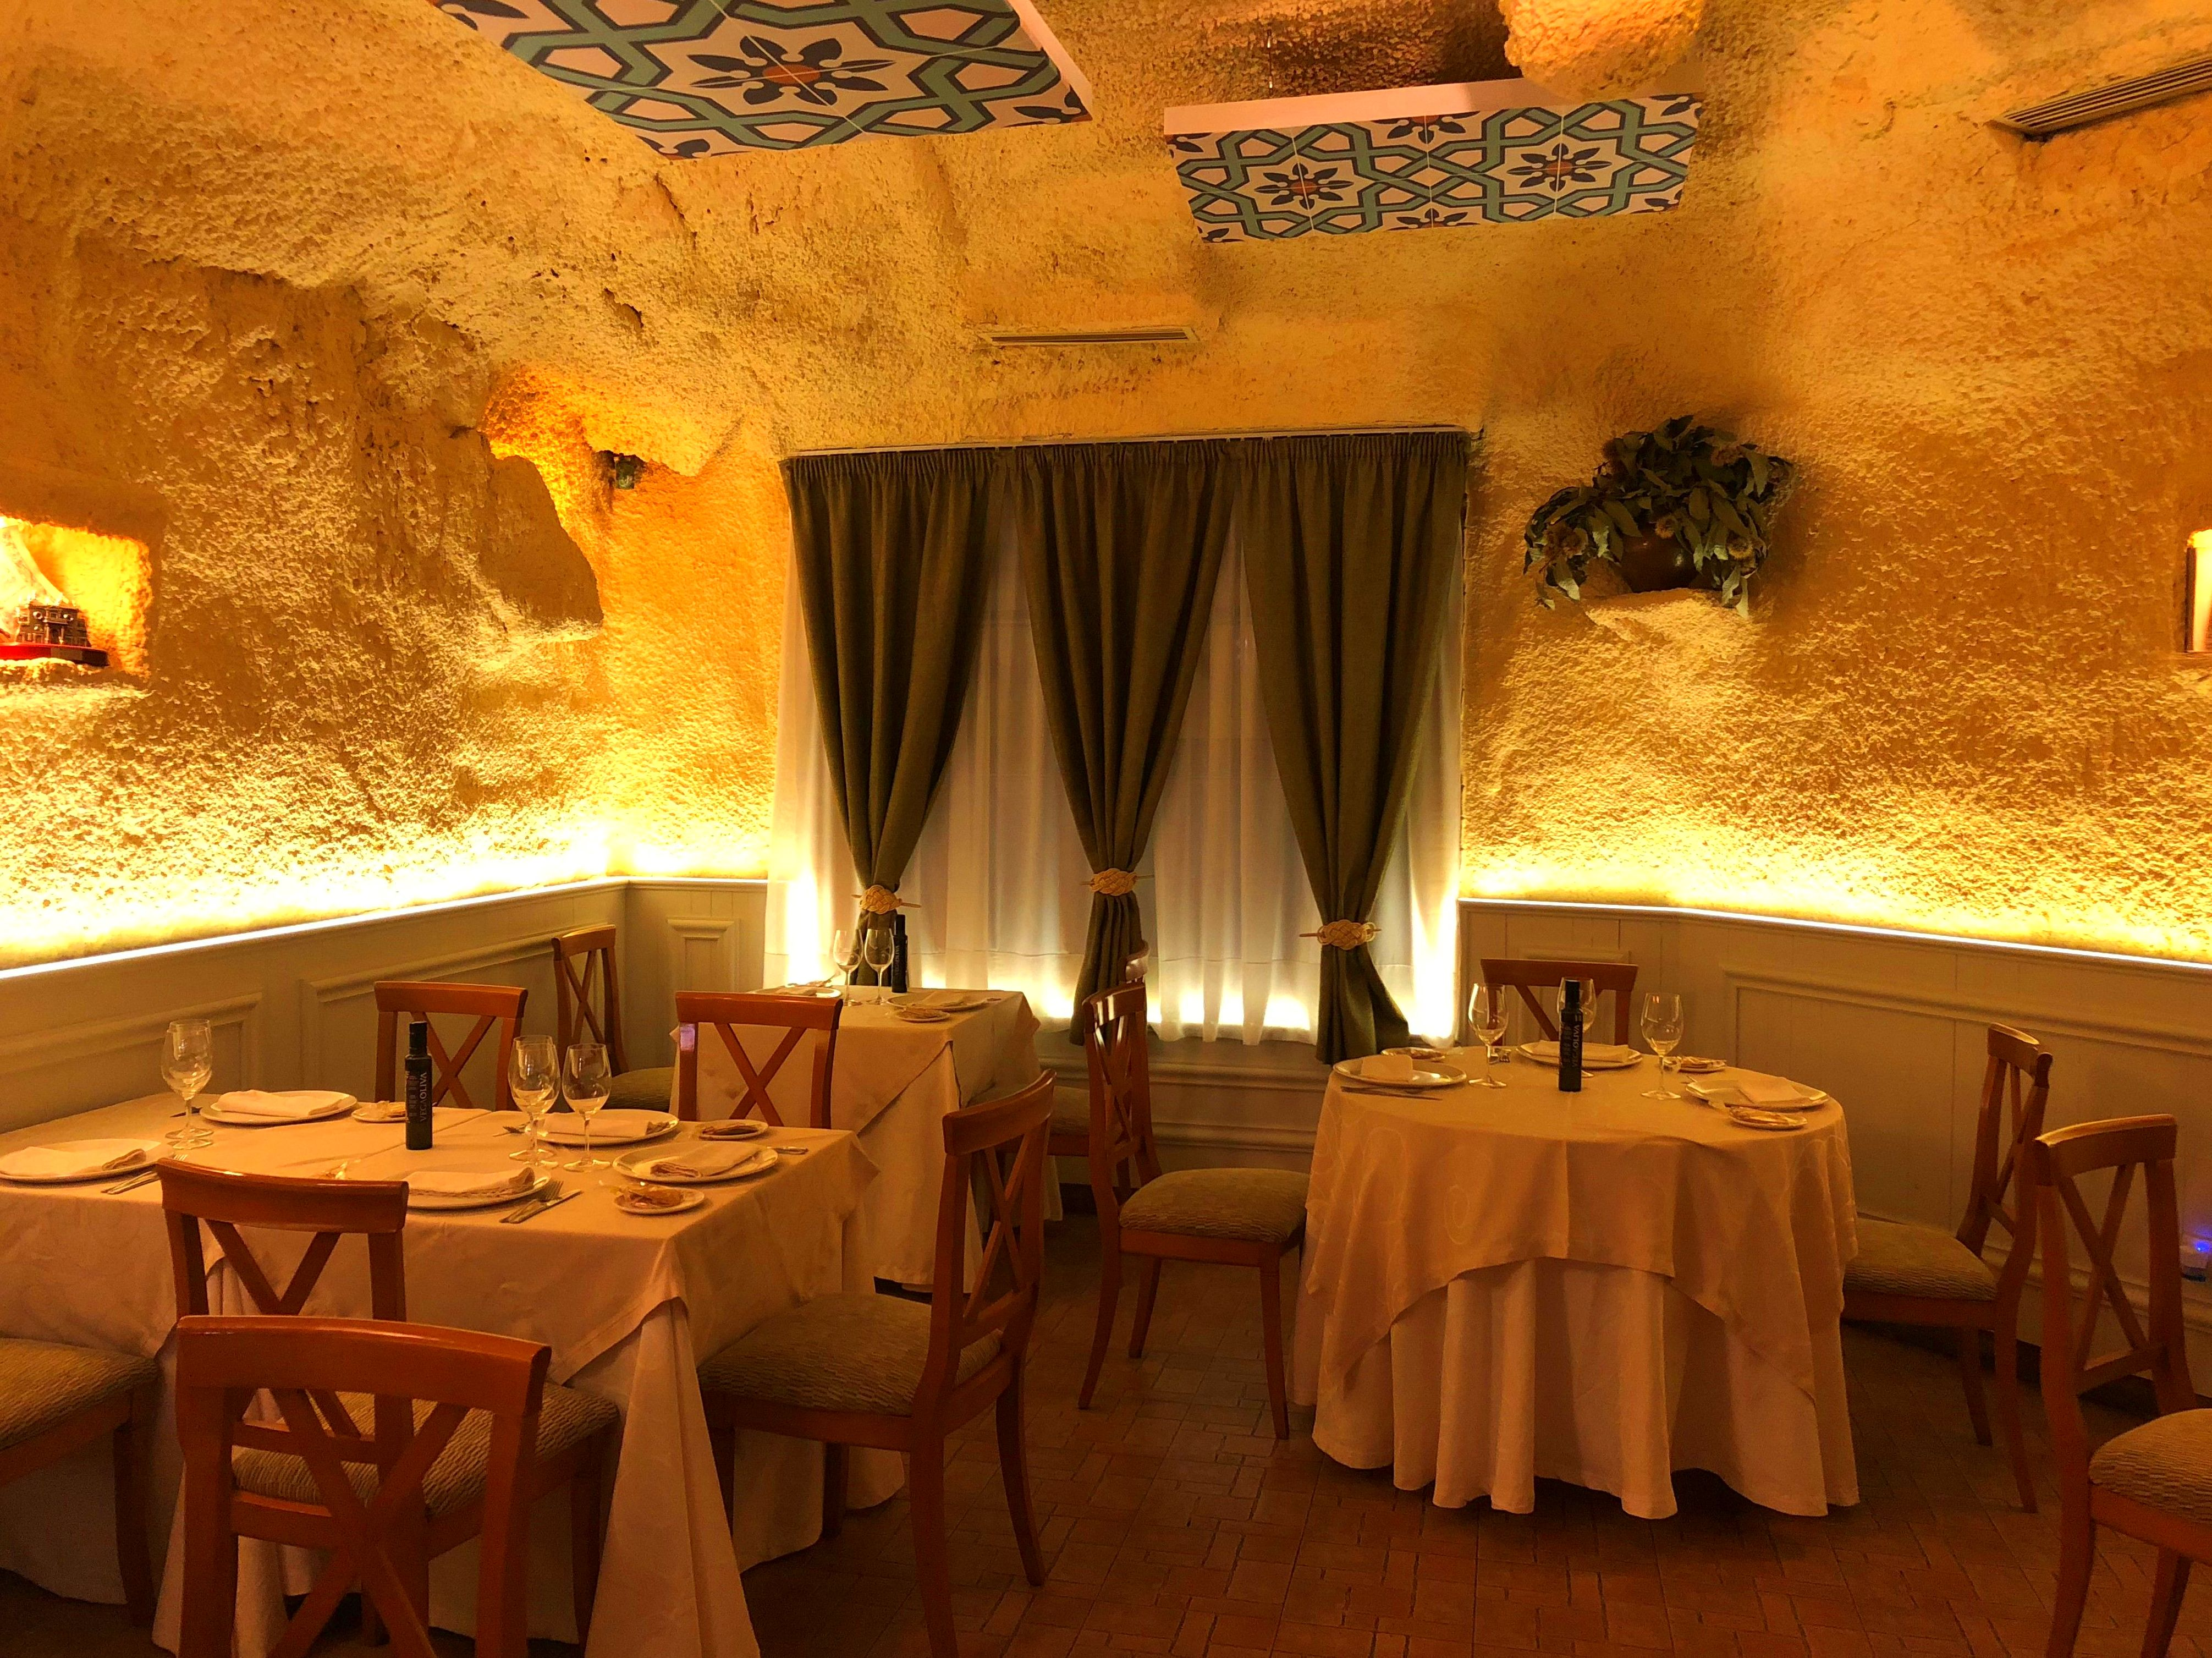 Celebración de eventos: Carta de Bernardo Restaurante - Entrevinosytapas